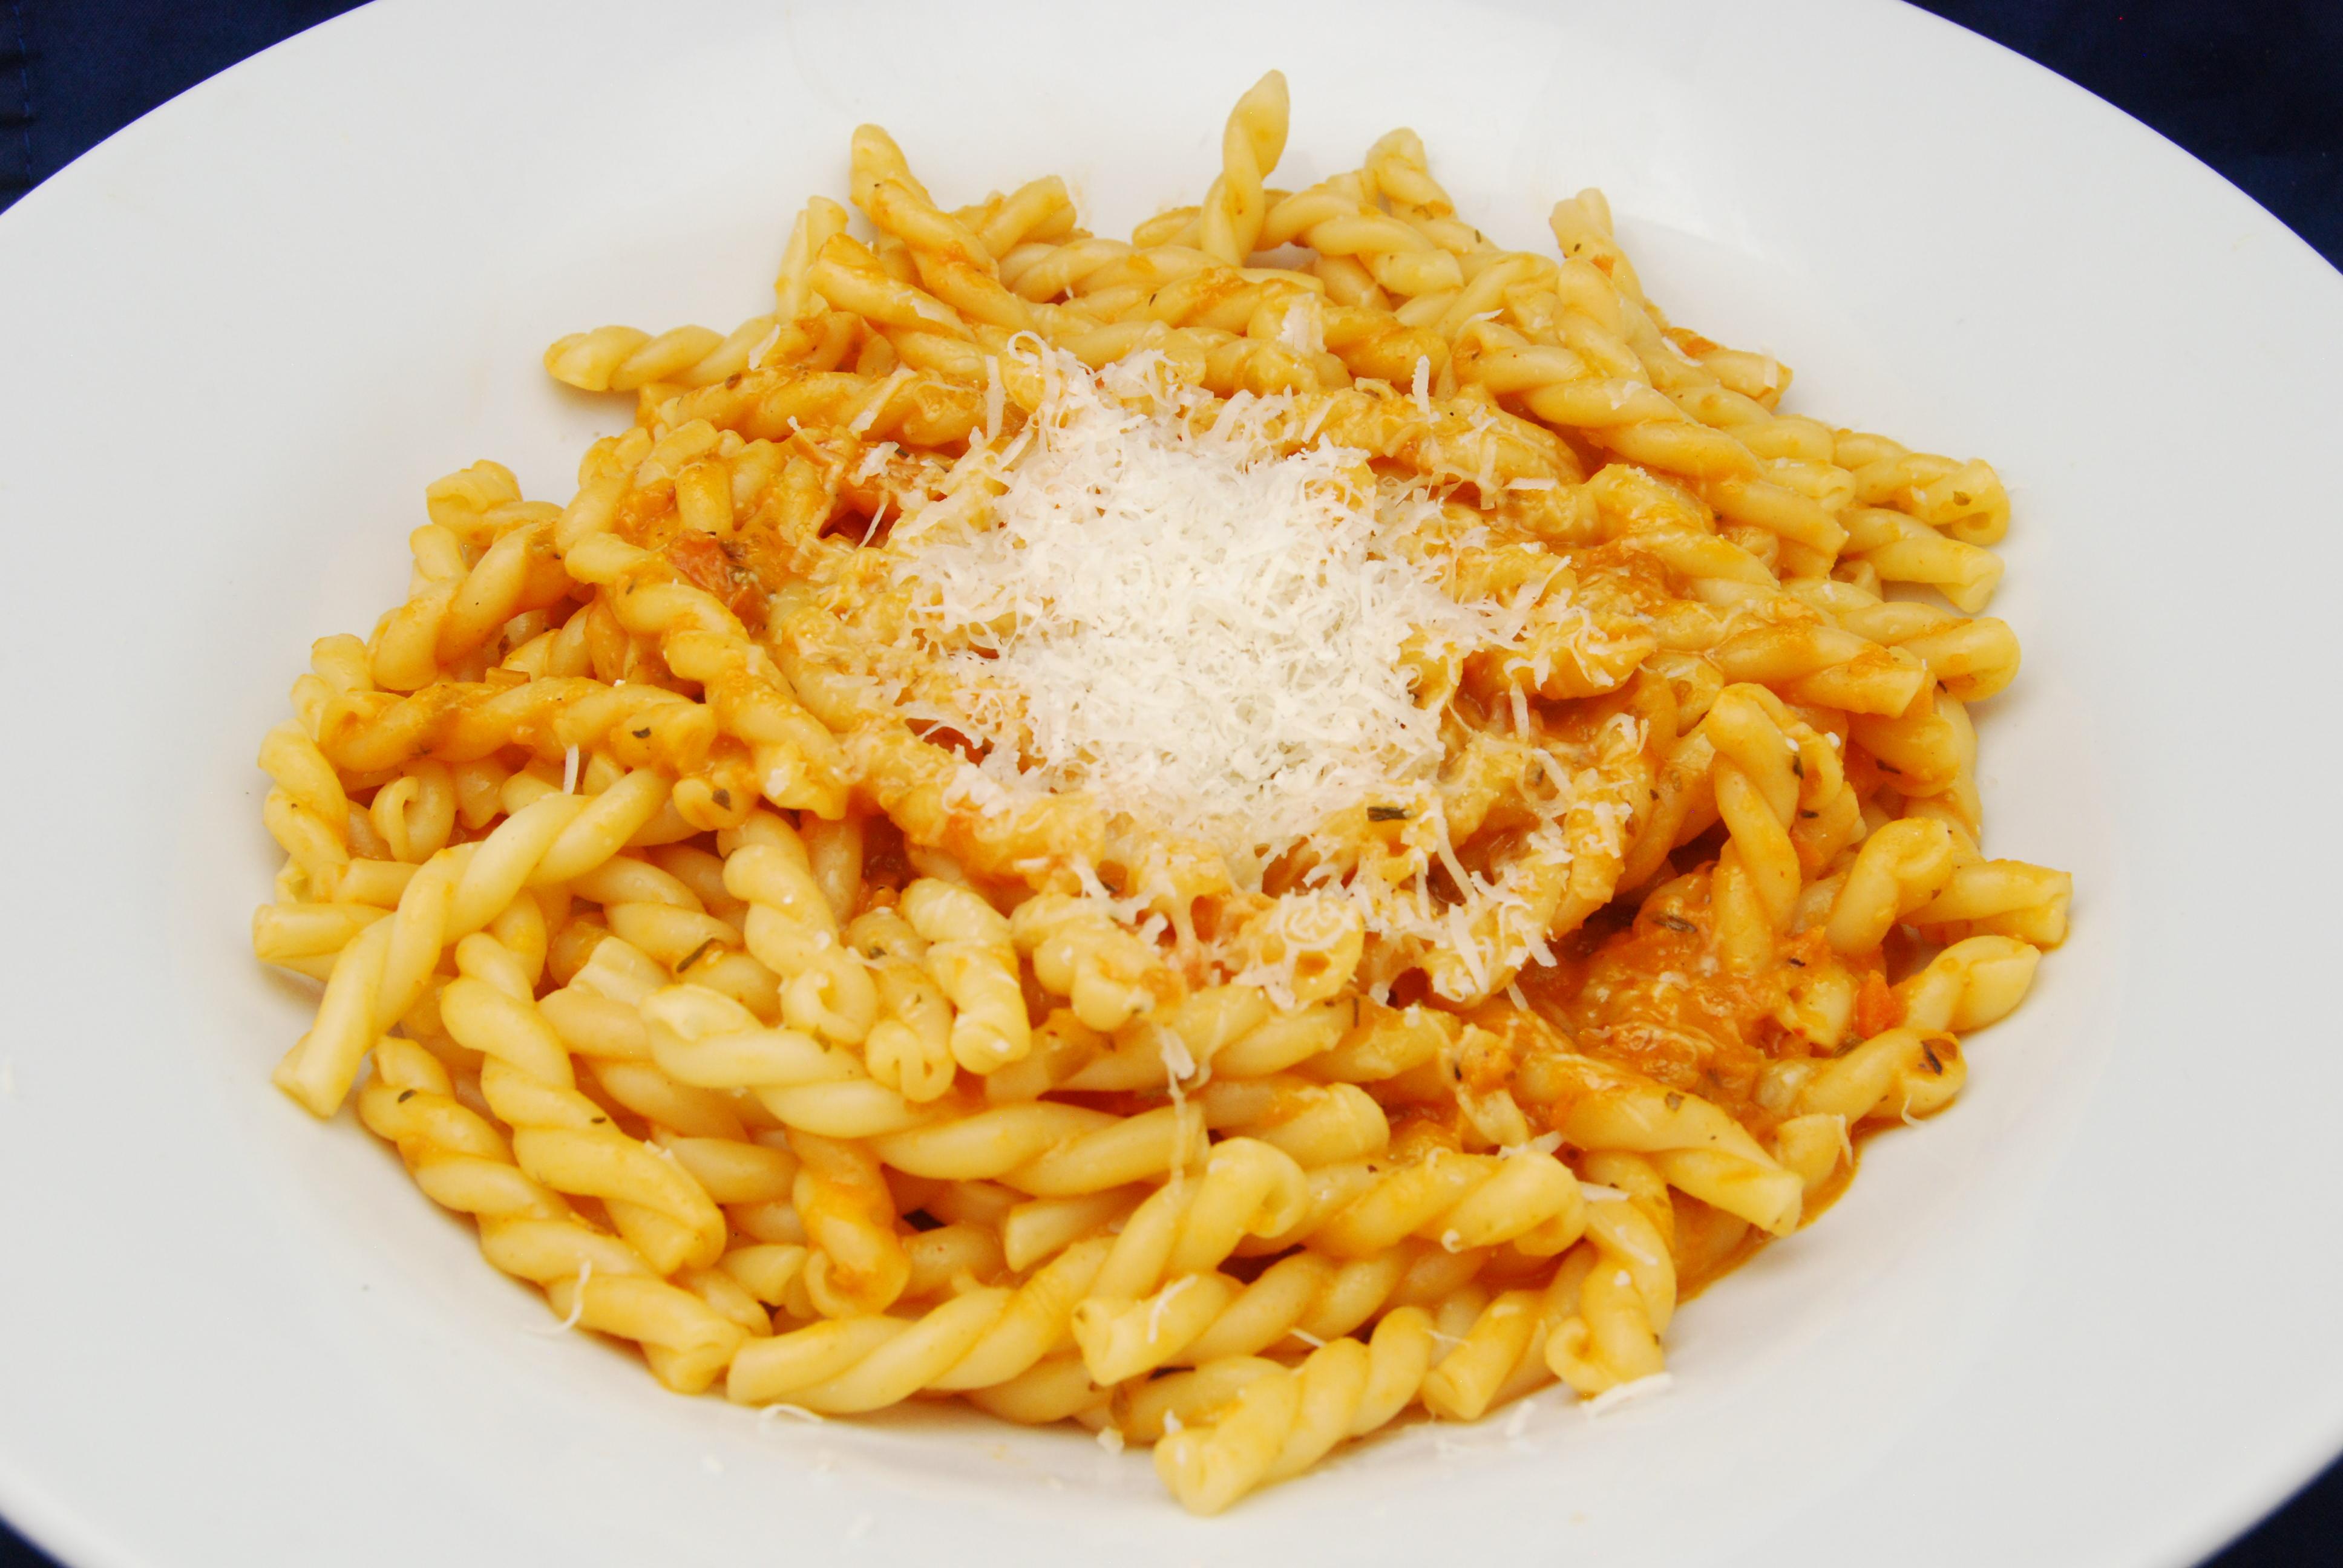 Leckeres Pasta-Gericht